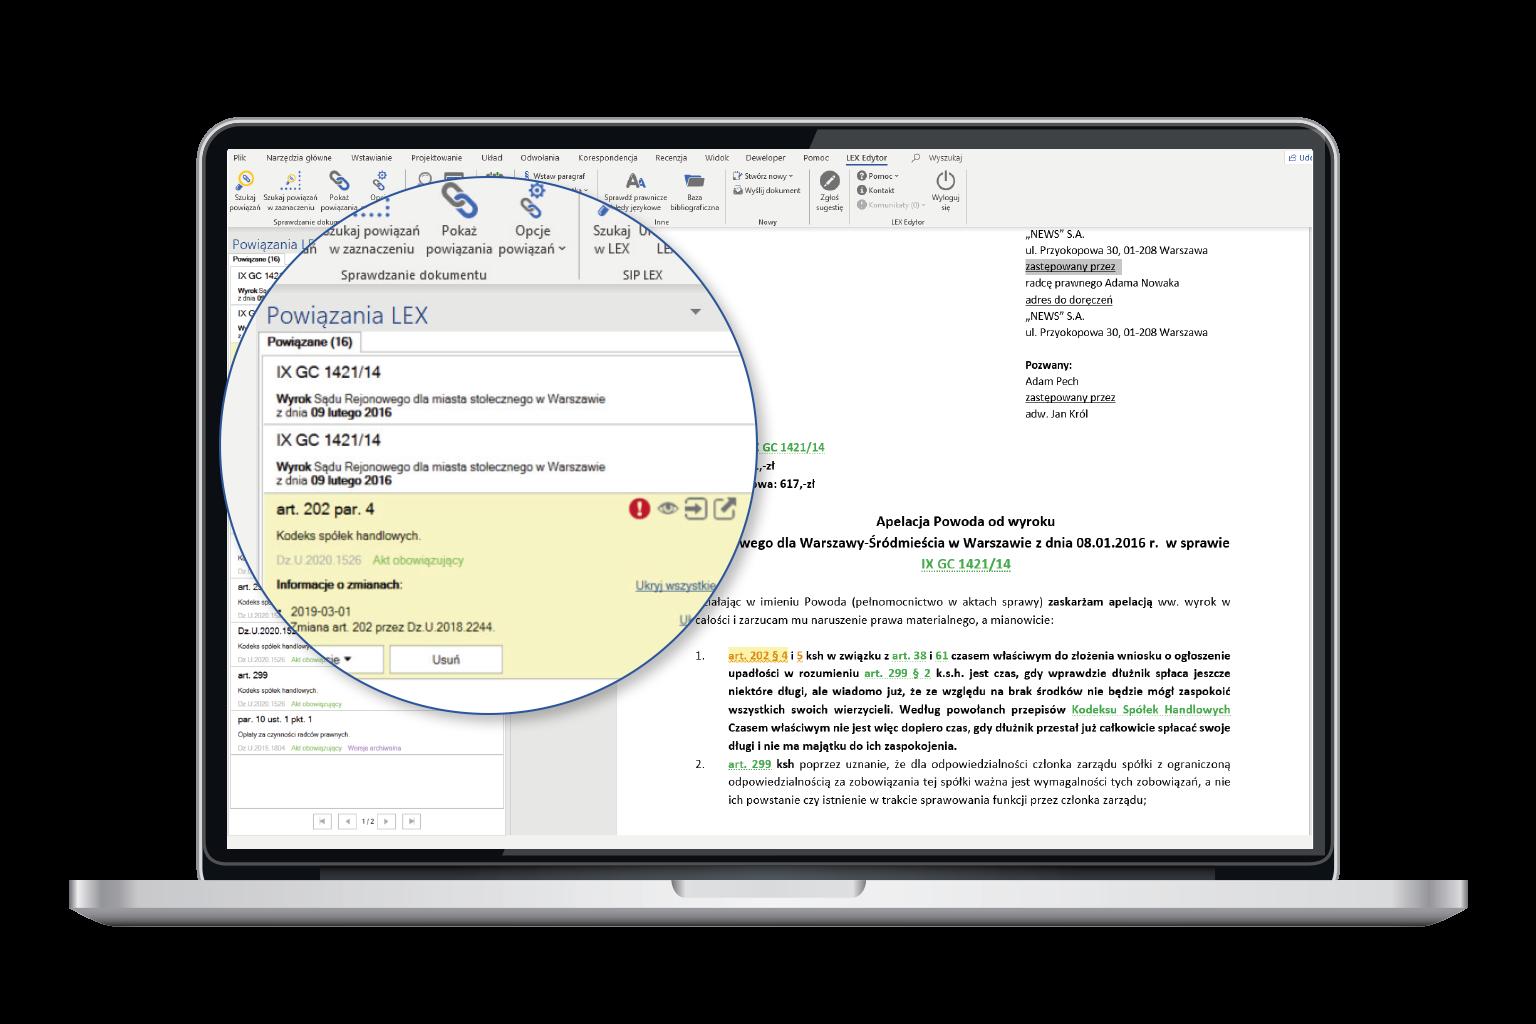 Widok programu przedstawiający monitoring aktualności dokumentów dzięki tworzeniu powiązań w LEX